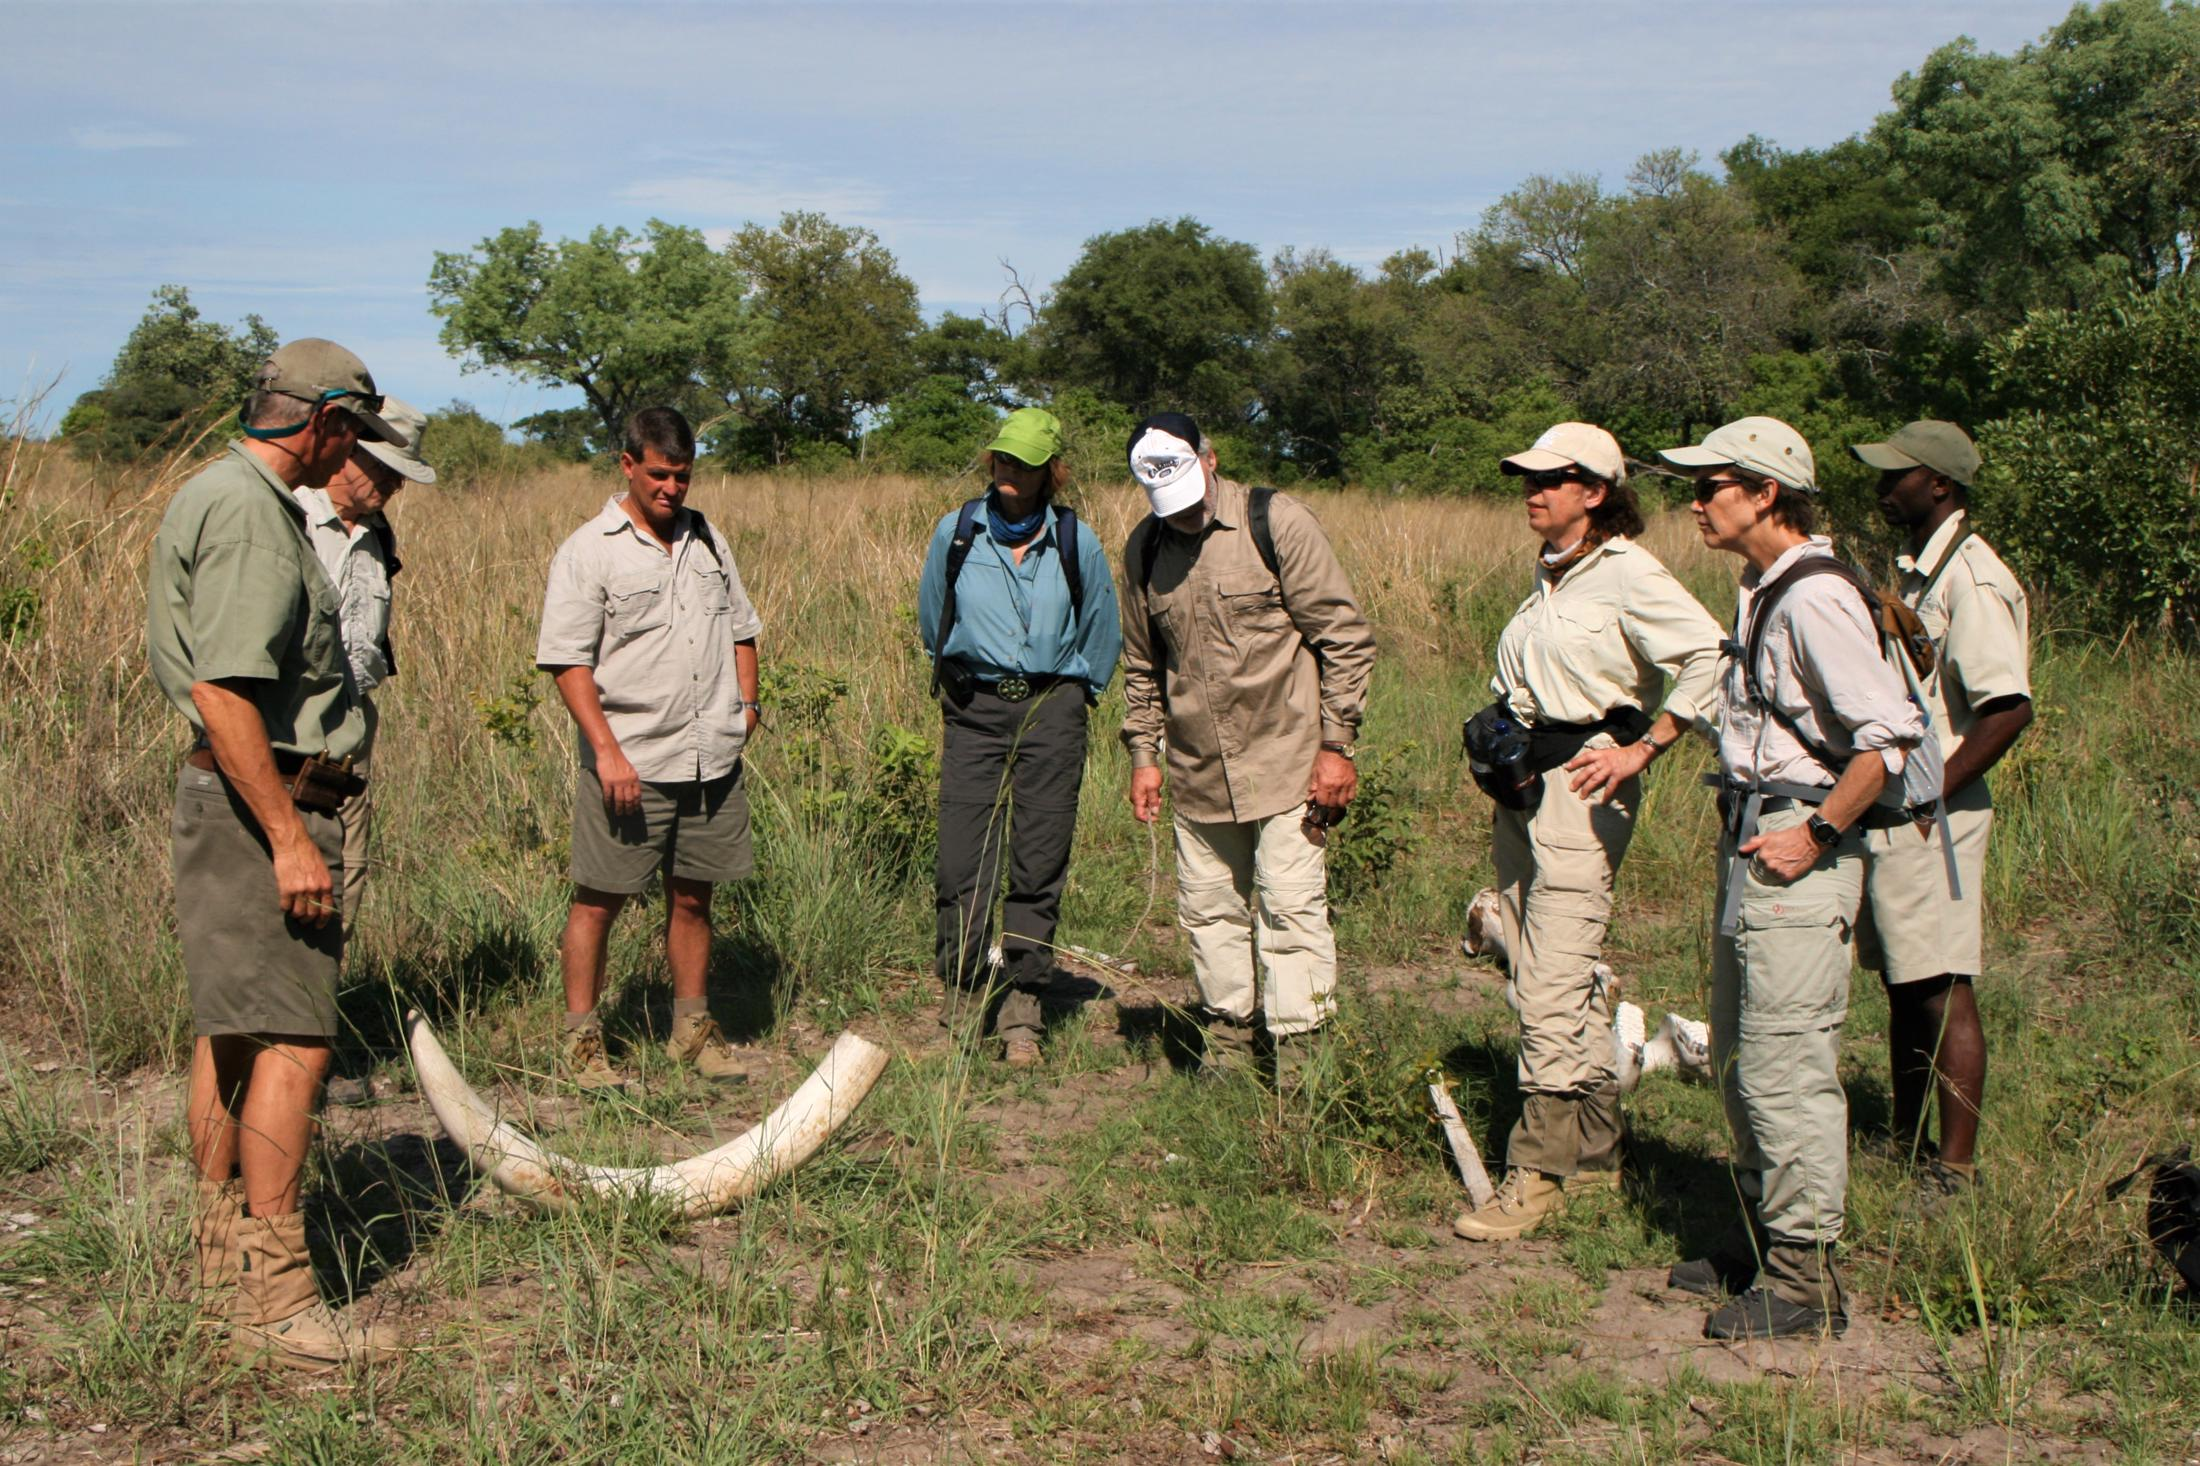 Rondreizen Botswana - Okavango Delta - Bushwalk